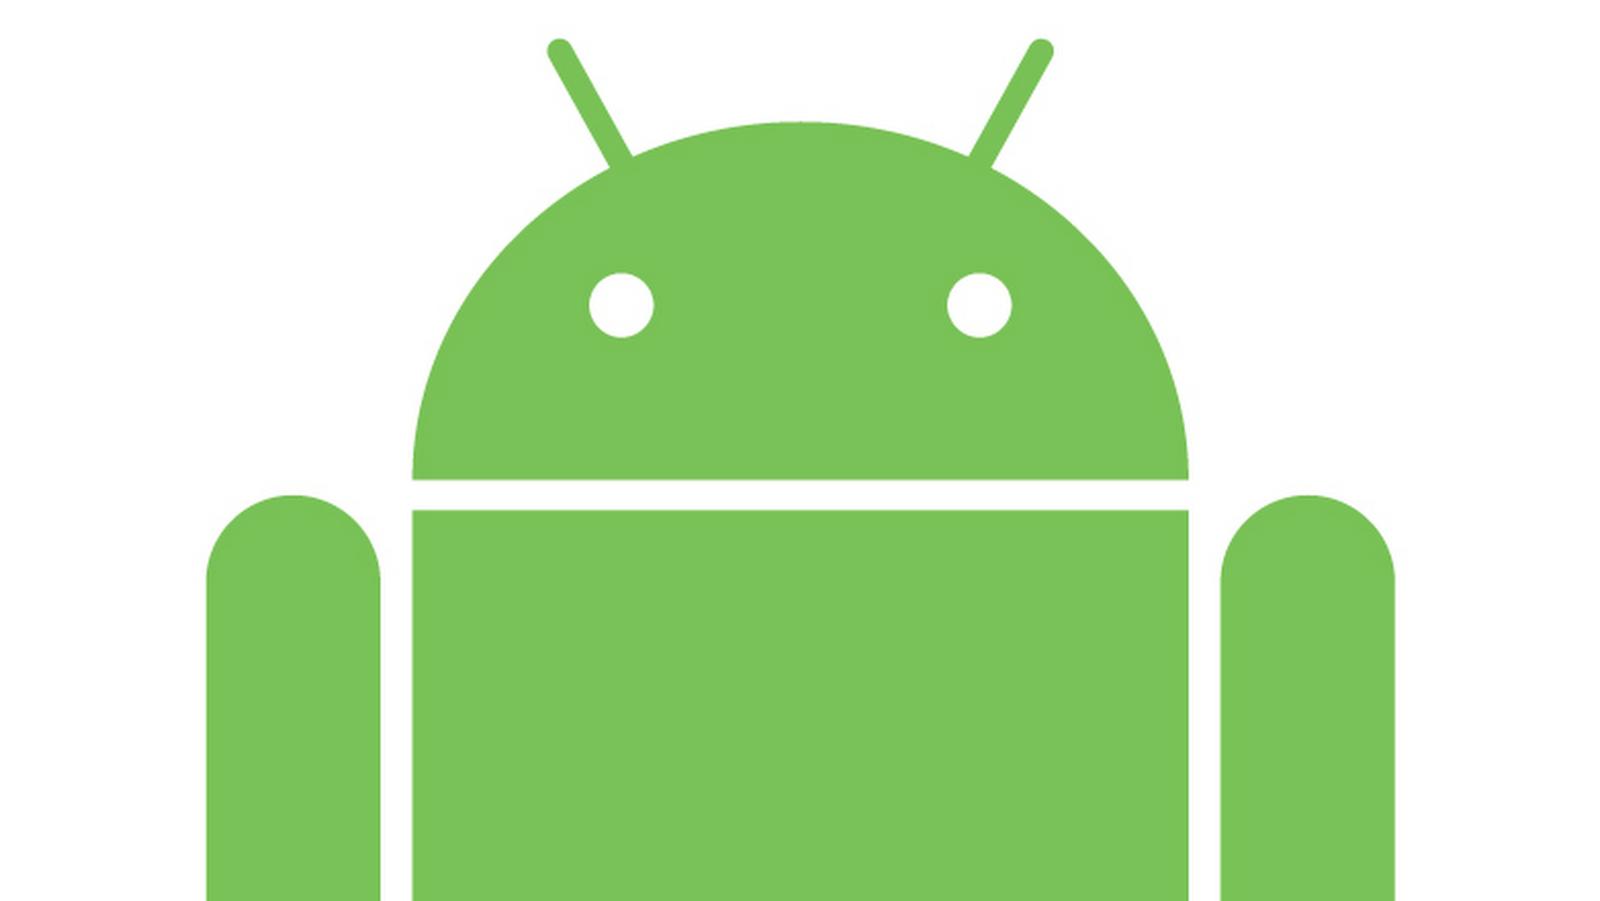 Android 10 und Pixel: Musikerkennung im Hintergrund / Play Now jetzt  mit History